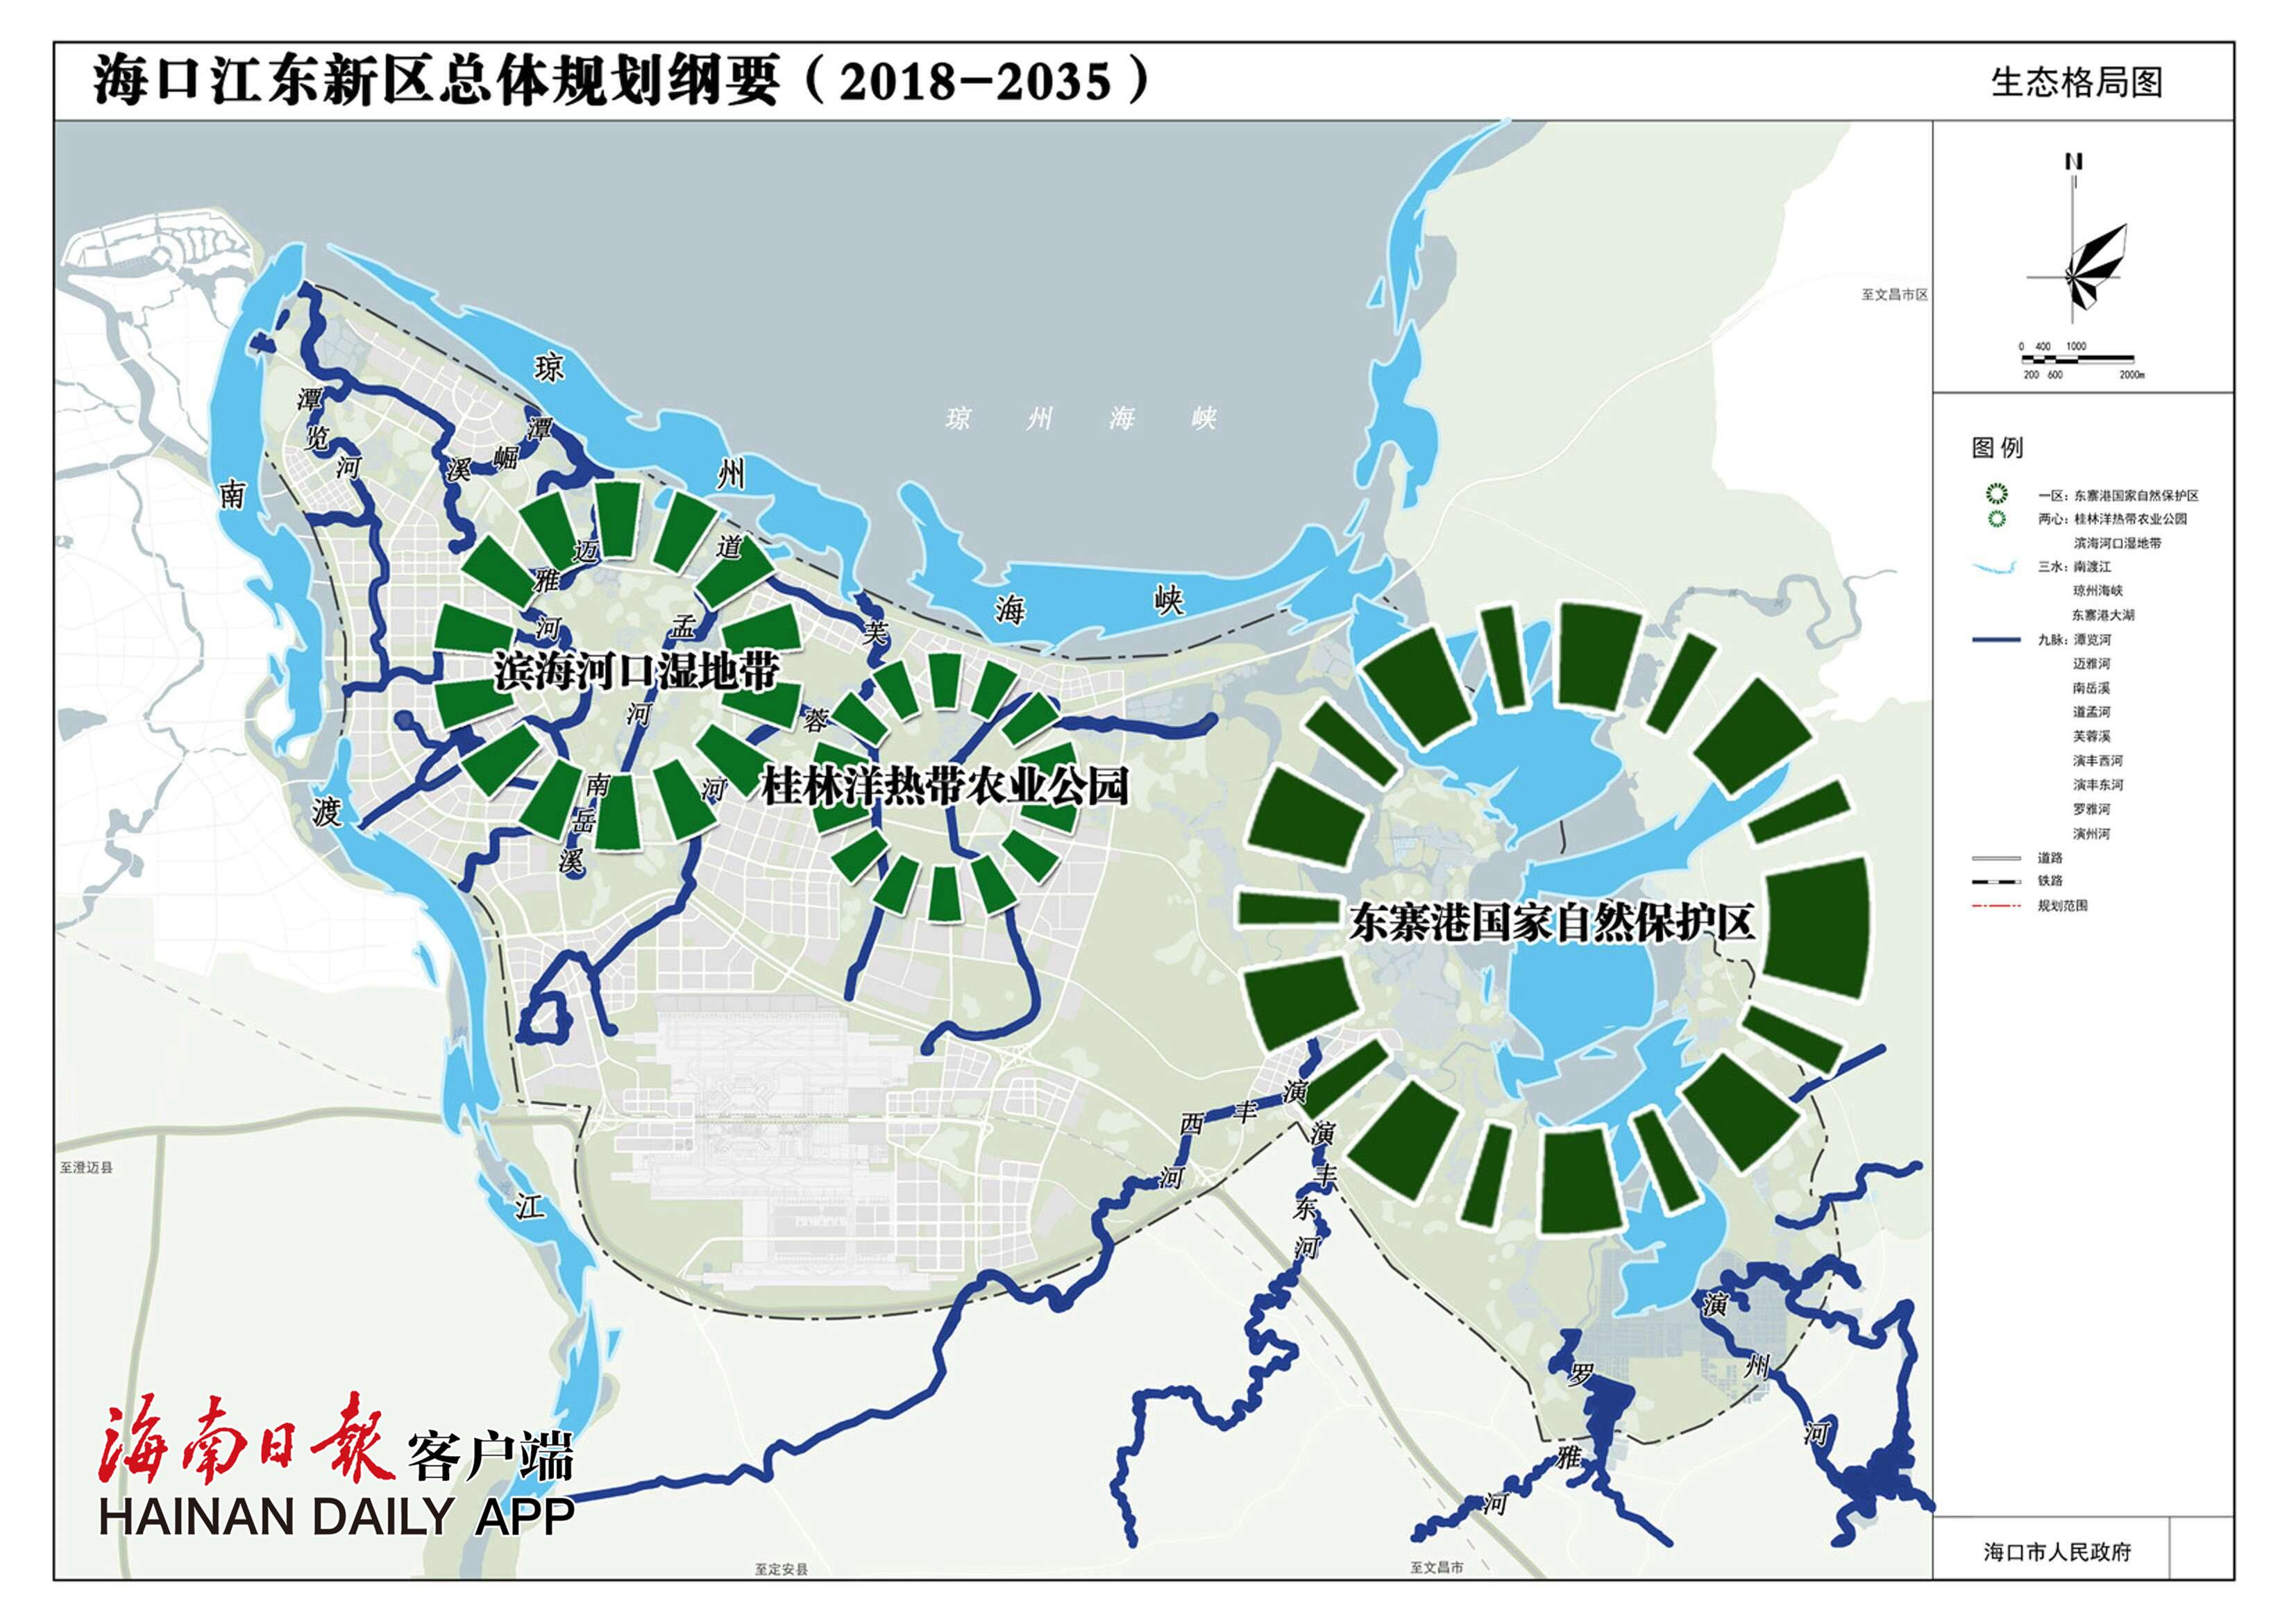 海口江东新区总体规划公示 3月21日前可提意见